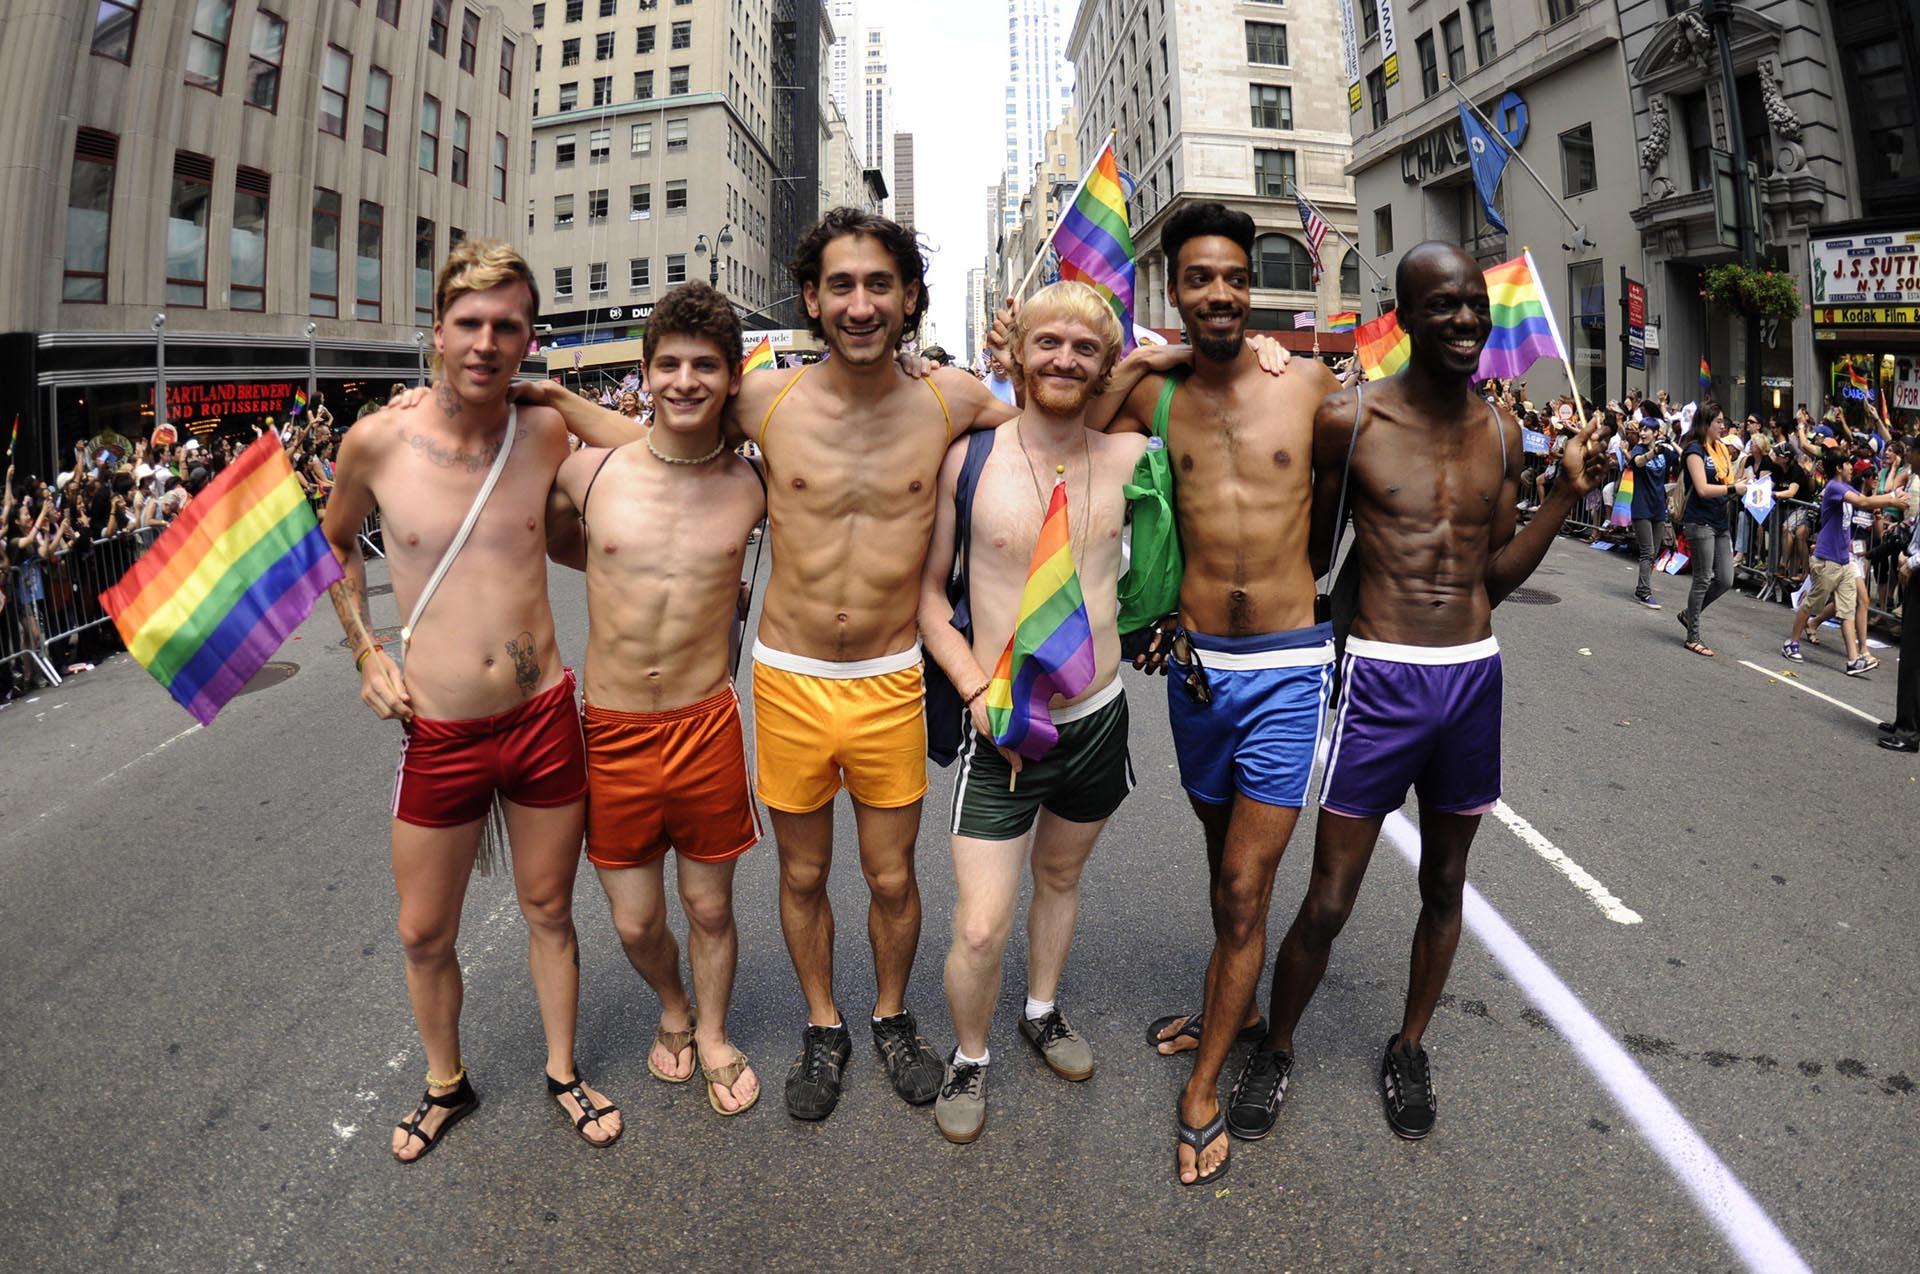 Los manifestantes caminan por la 5ª Avenida durante el desfile del Orgullo de Nueva York el 24 de junio de 2012